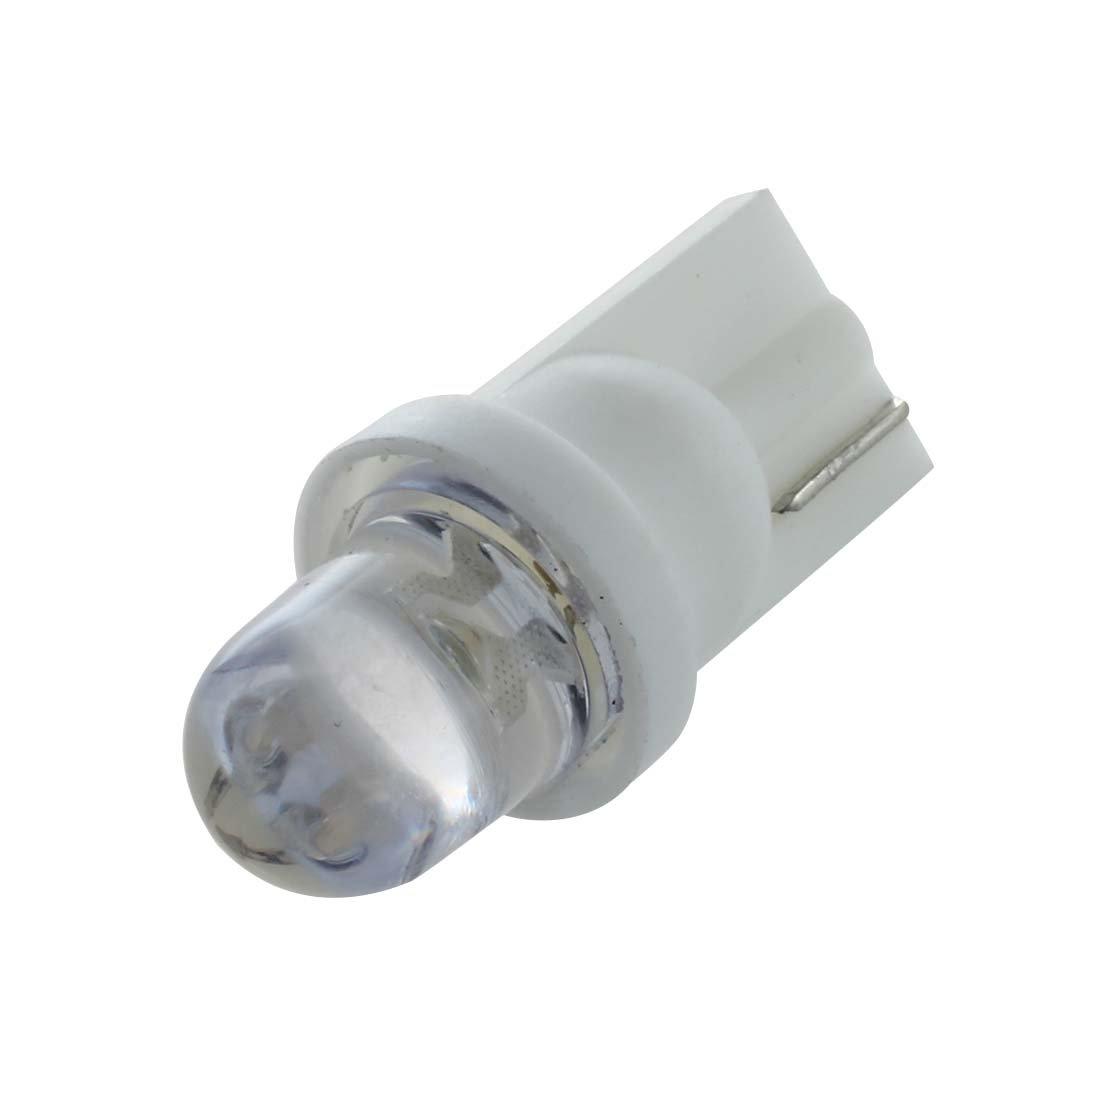 SODIAL(R) 10 X T10 A294 LED 12V Bombilla Lampara Luz con Cupula Matricula del Coche Blanco